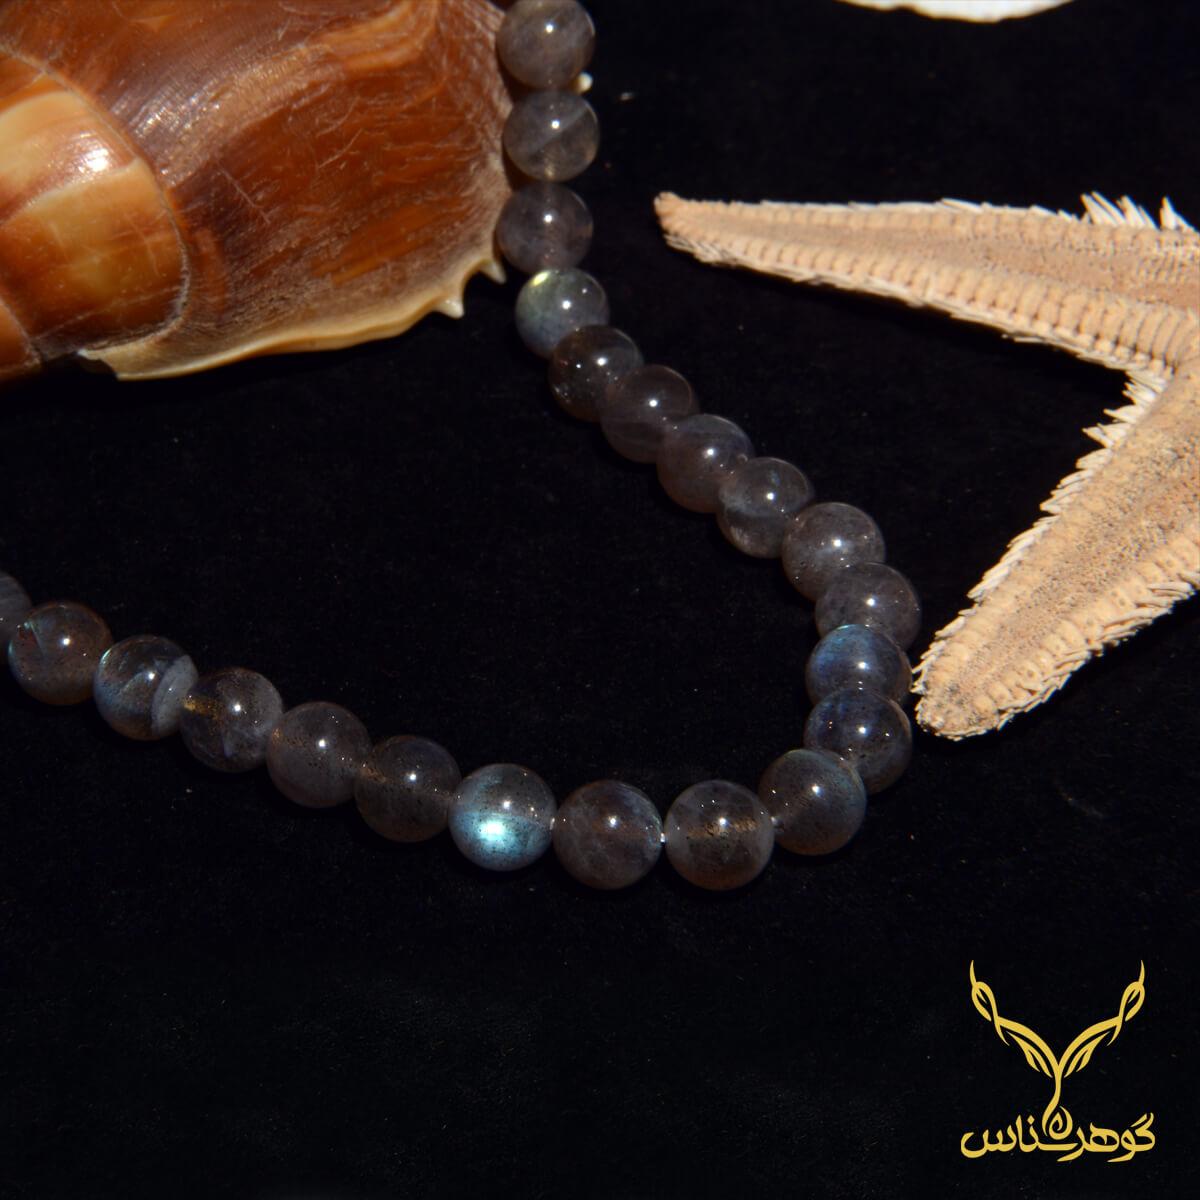 گردنبند سنگ طبیعی کدS004 لابرادوریت یکی از سنگ های بسیار زیبا در زمینه جواهرات به شمار میرود.فروشگاه آنلاین گوهرشناس مرکز معنبر خرید جواهرات